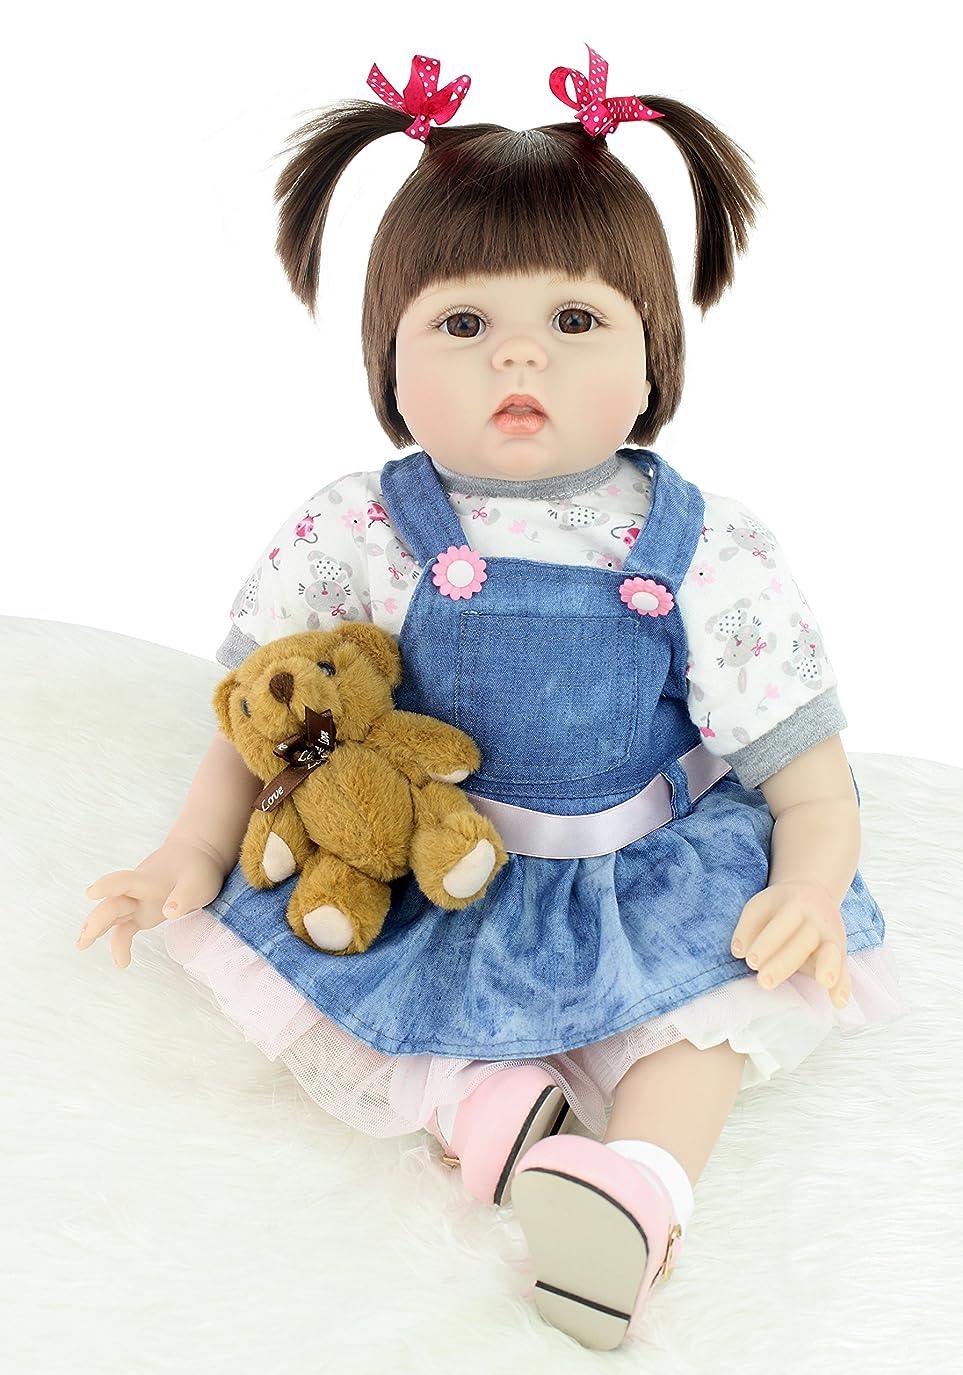 ハンマー草写真のFunny House 55cm リボーンドール ベビードール きせかえ人形 ドール お人形 誕生日プレゼント 新年プレゼント